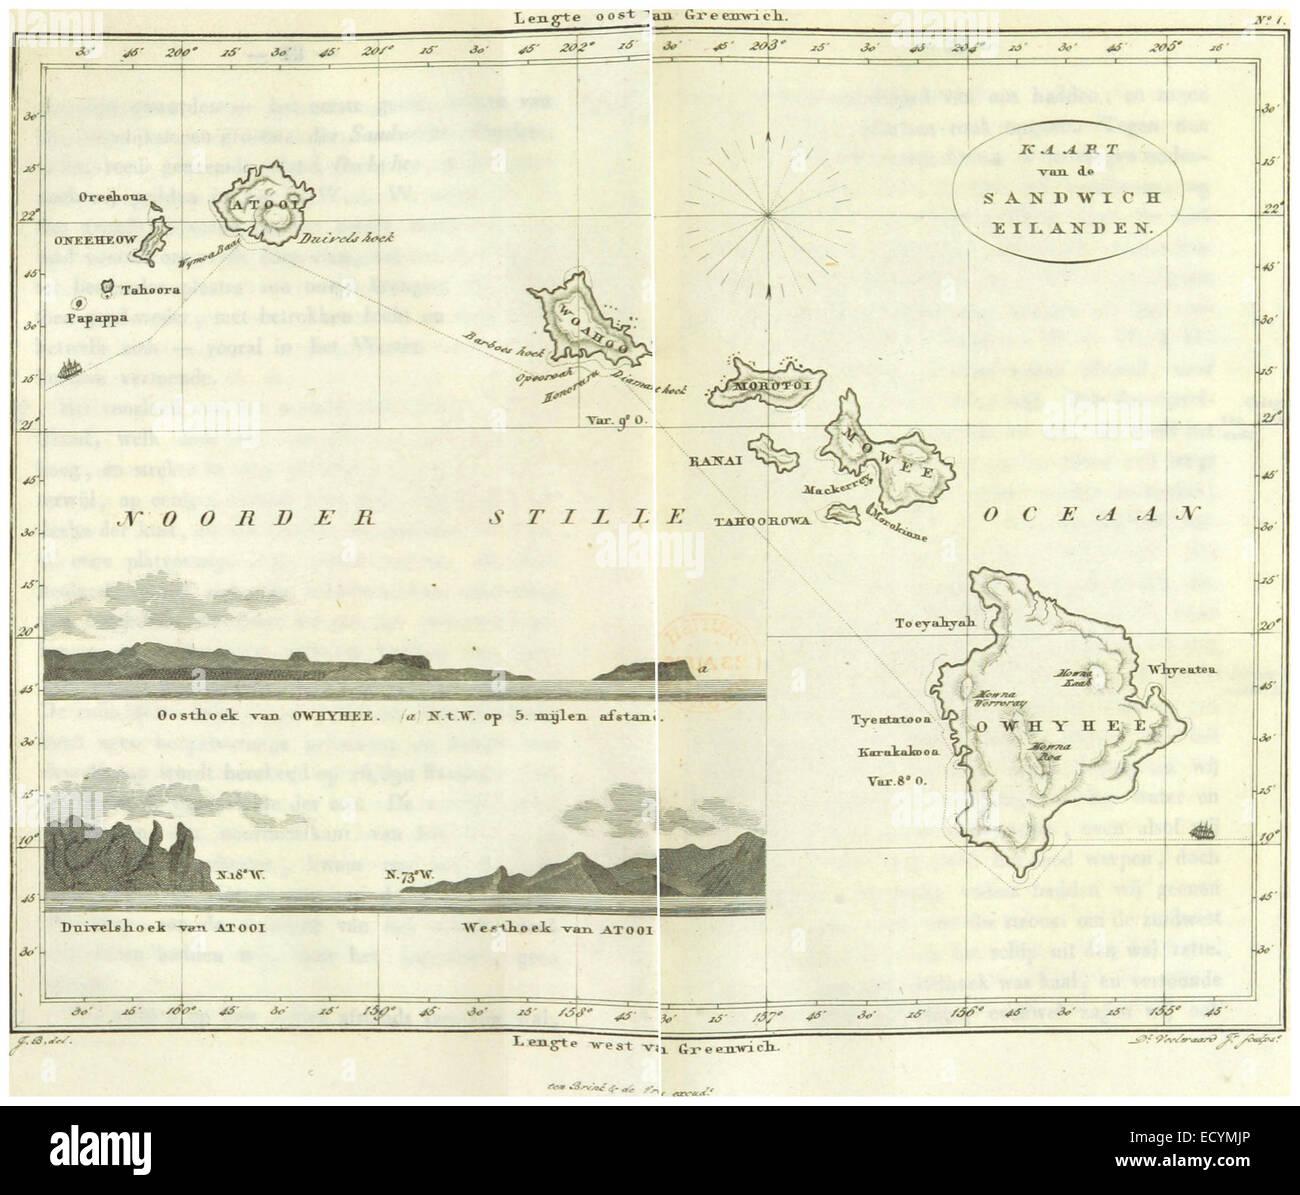 BOELEN(1836) T3 p042 KAARD VAN DE SANDWICH EILANDEN - Stock Image